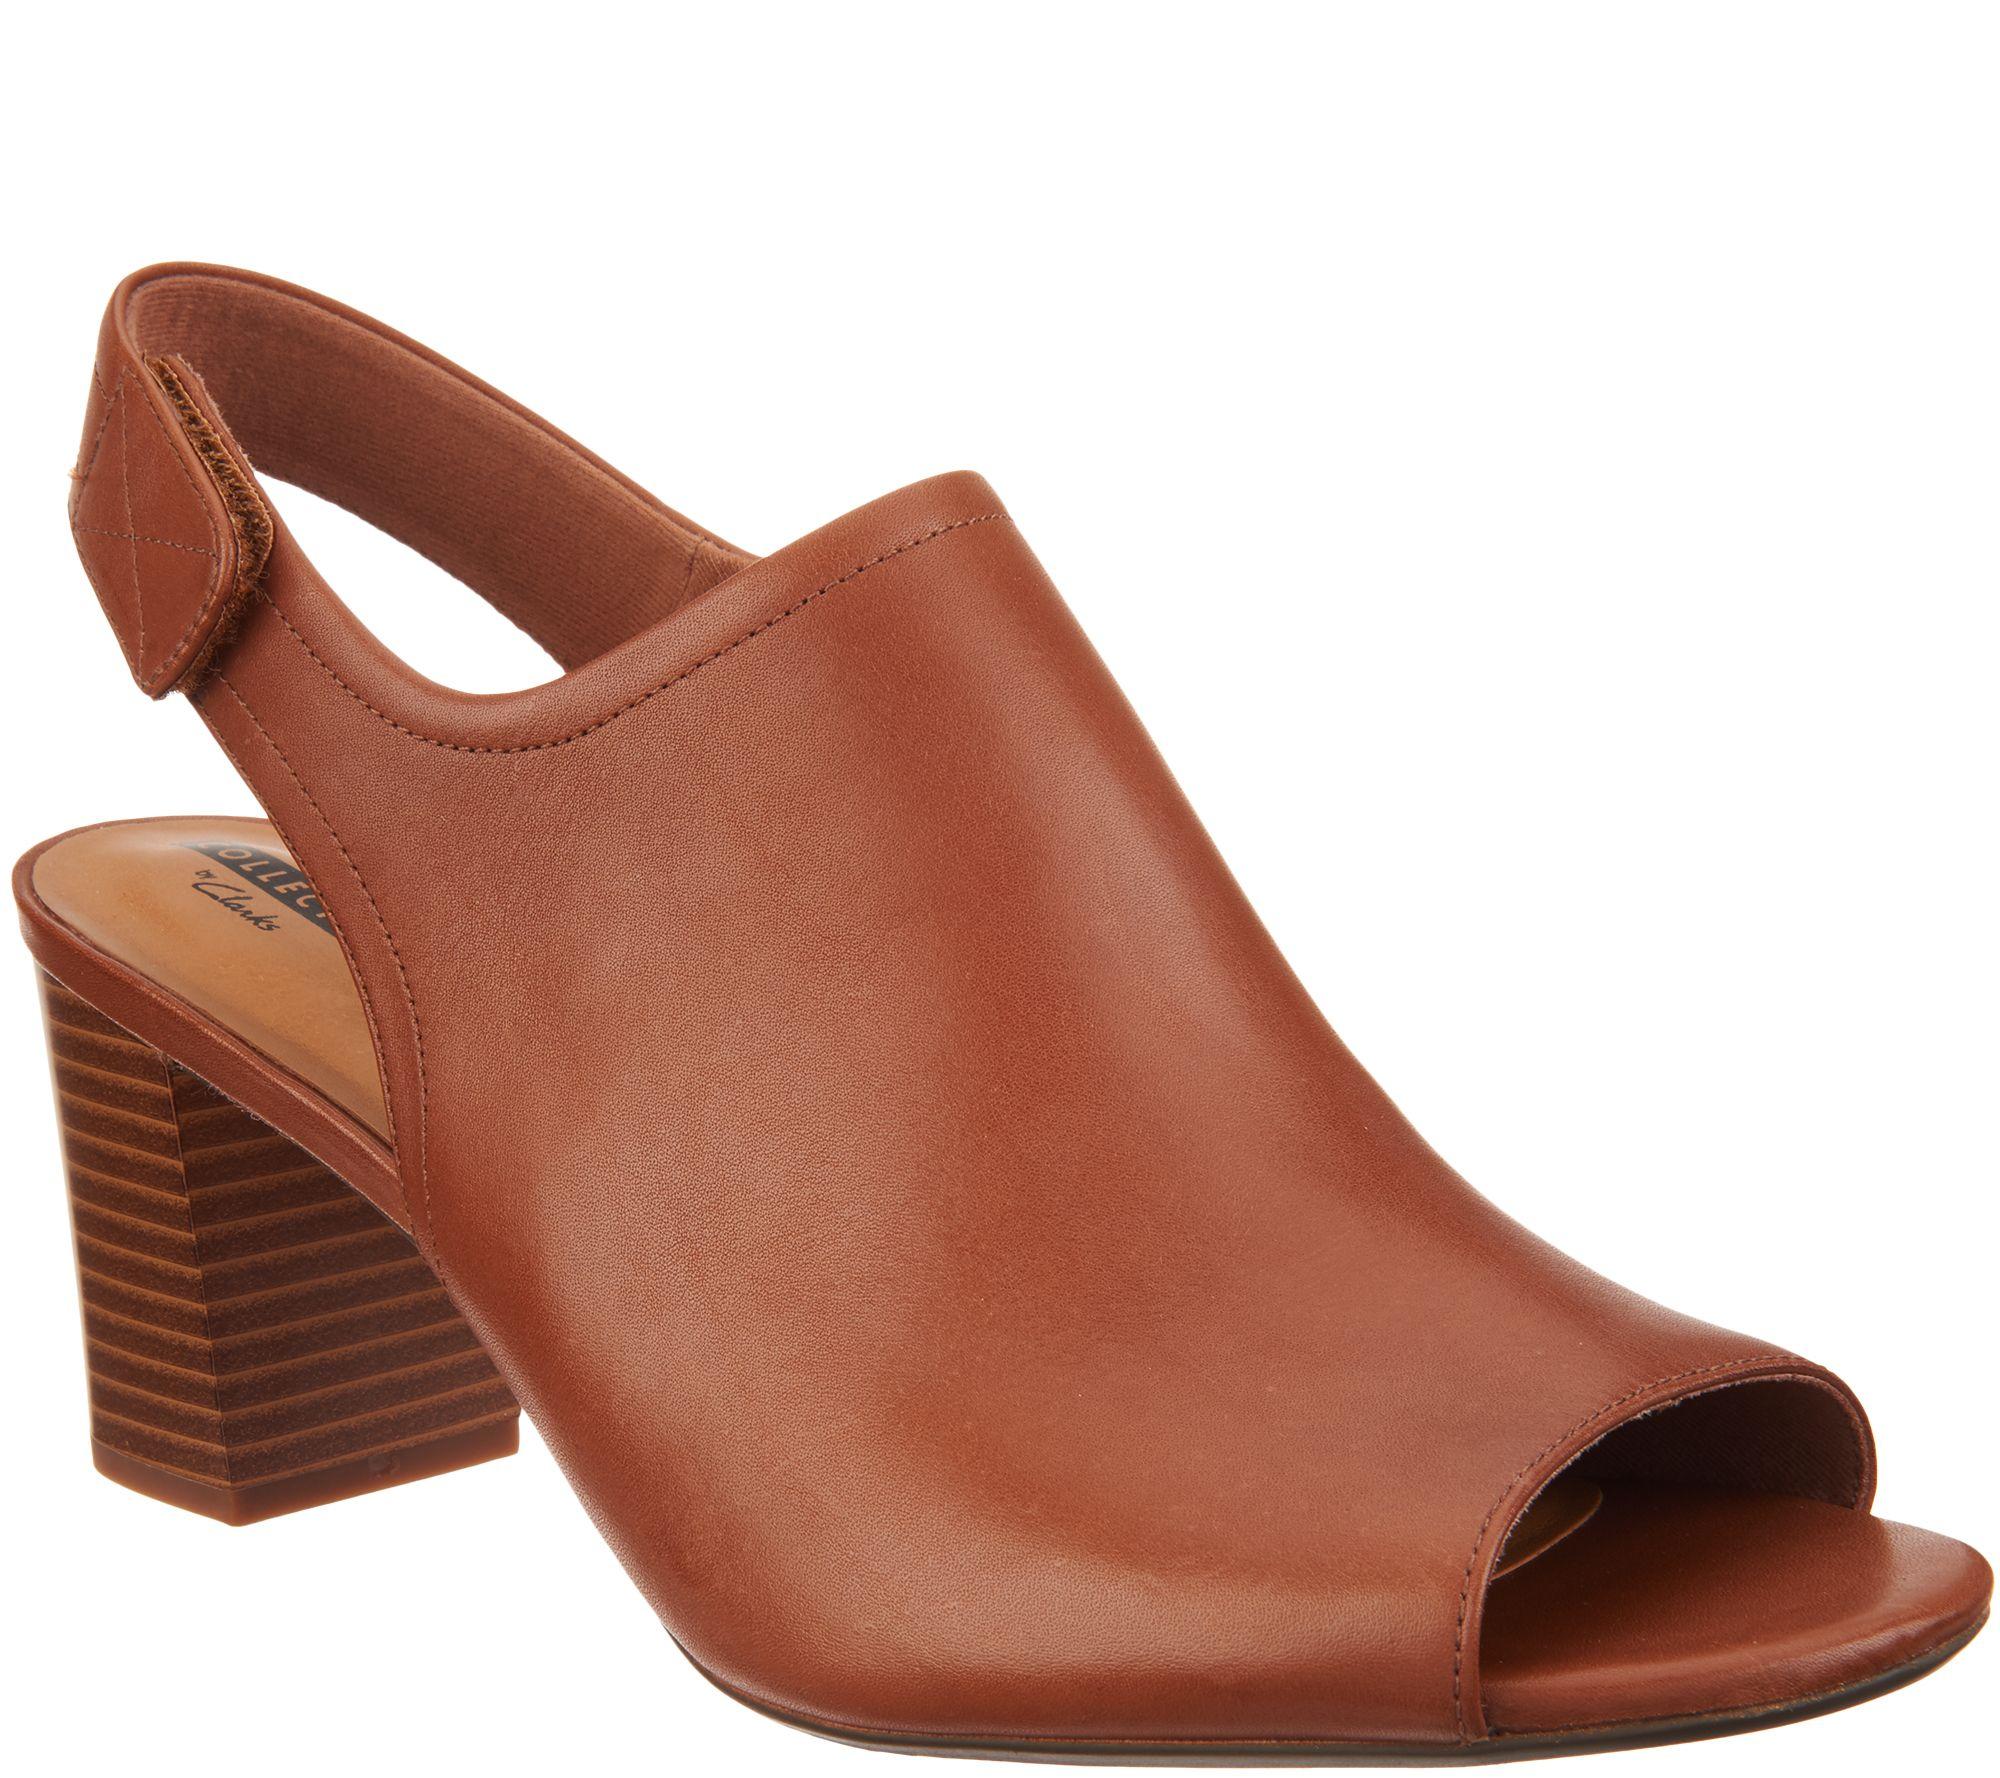 7d95beed089 Clarks Leather Stacked Heel Peep Toe Sandals - Deva Jayleen - Page 1 ...